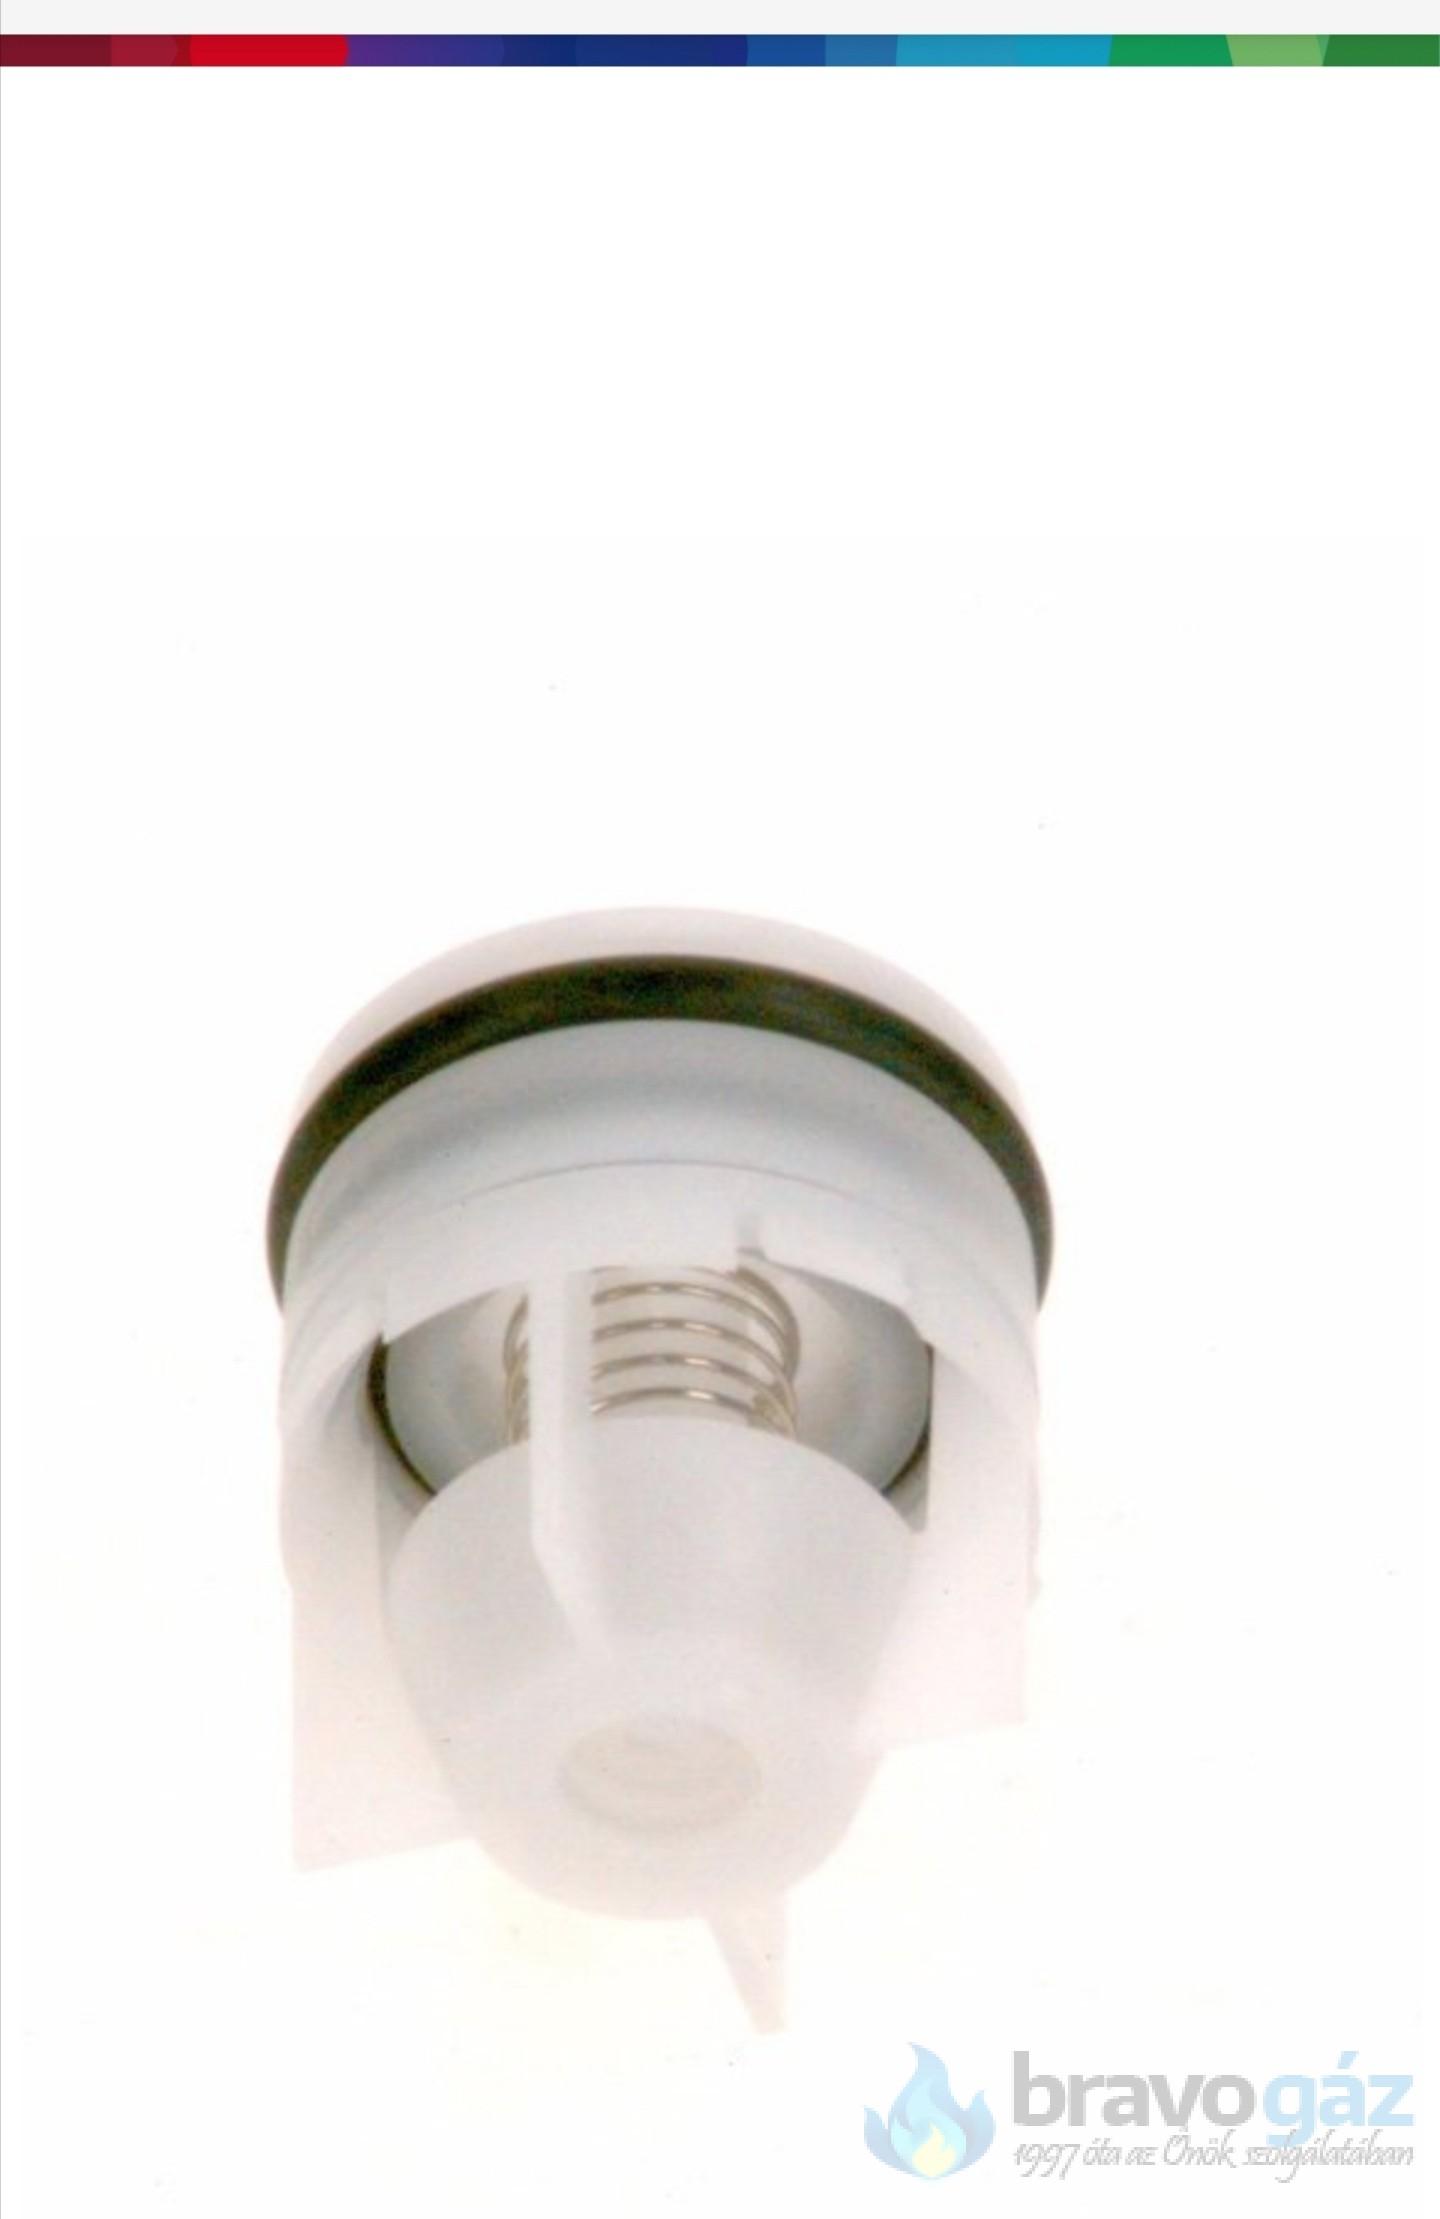 Bosch Visszacsapó szelep - 87185050200